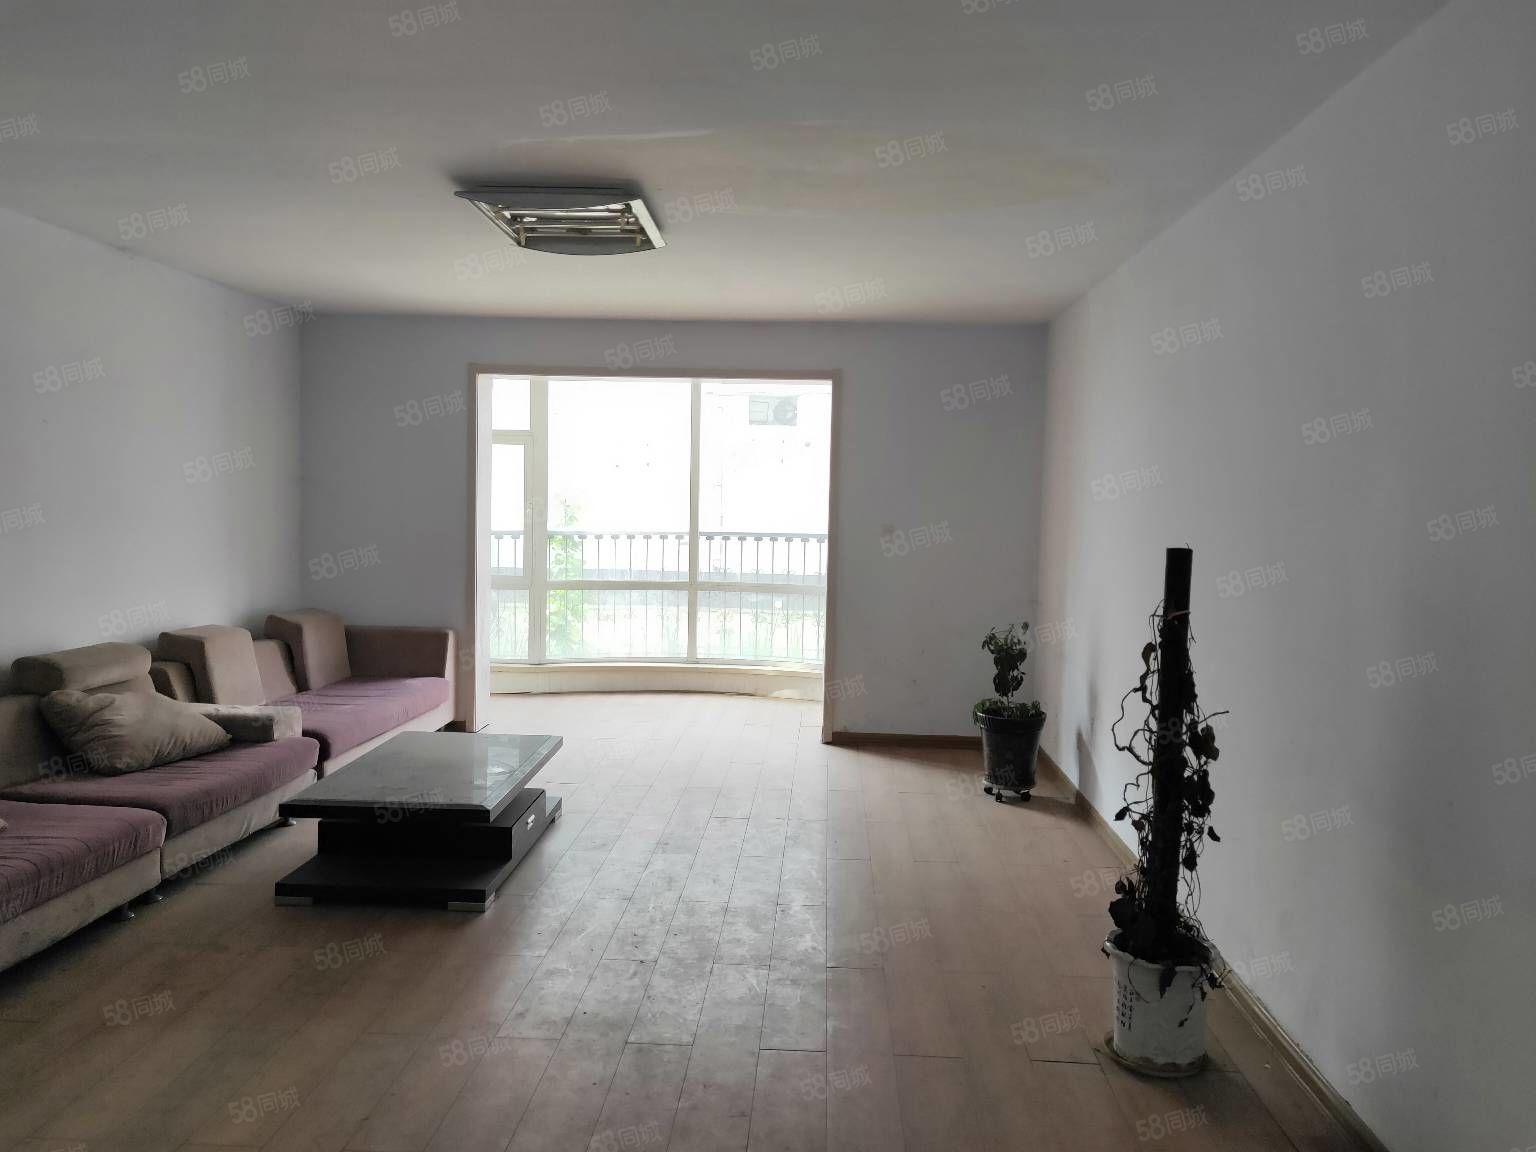 急售御龍苑小區1樓簡單裝修大紅本可分期陽客廳雙陽臥雙衛